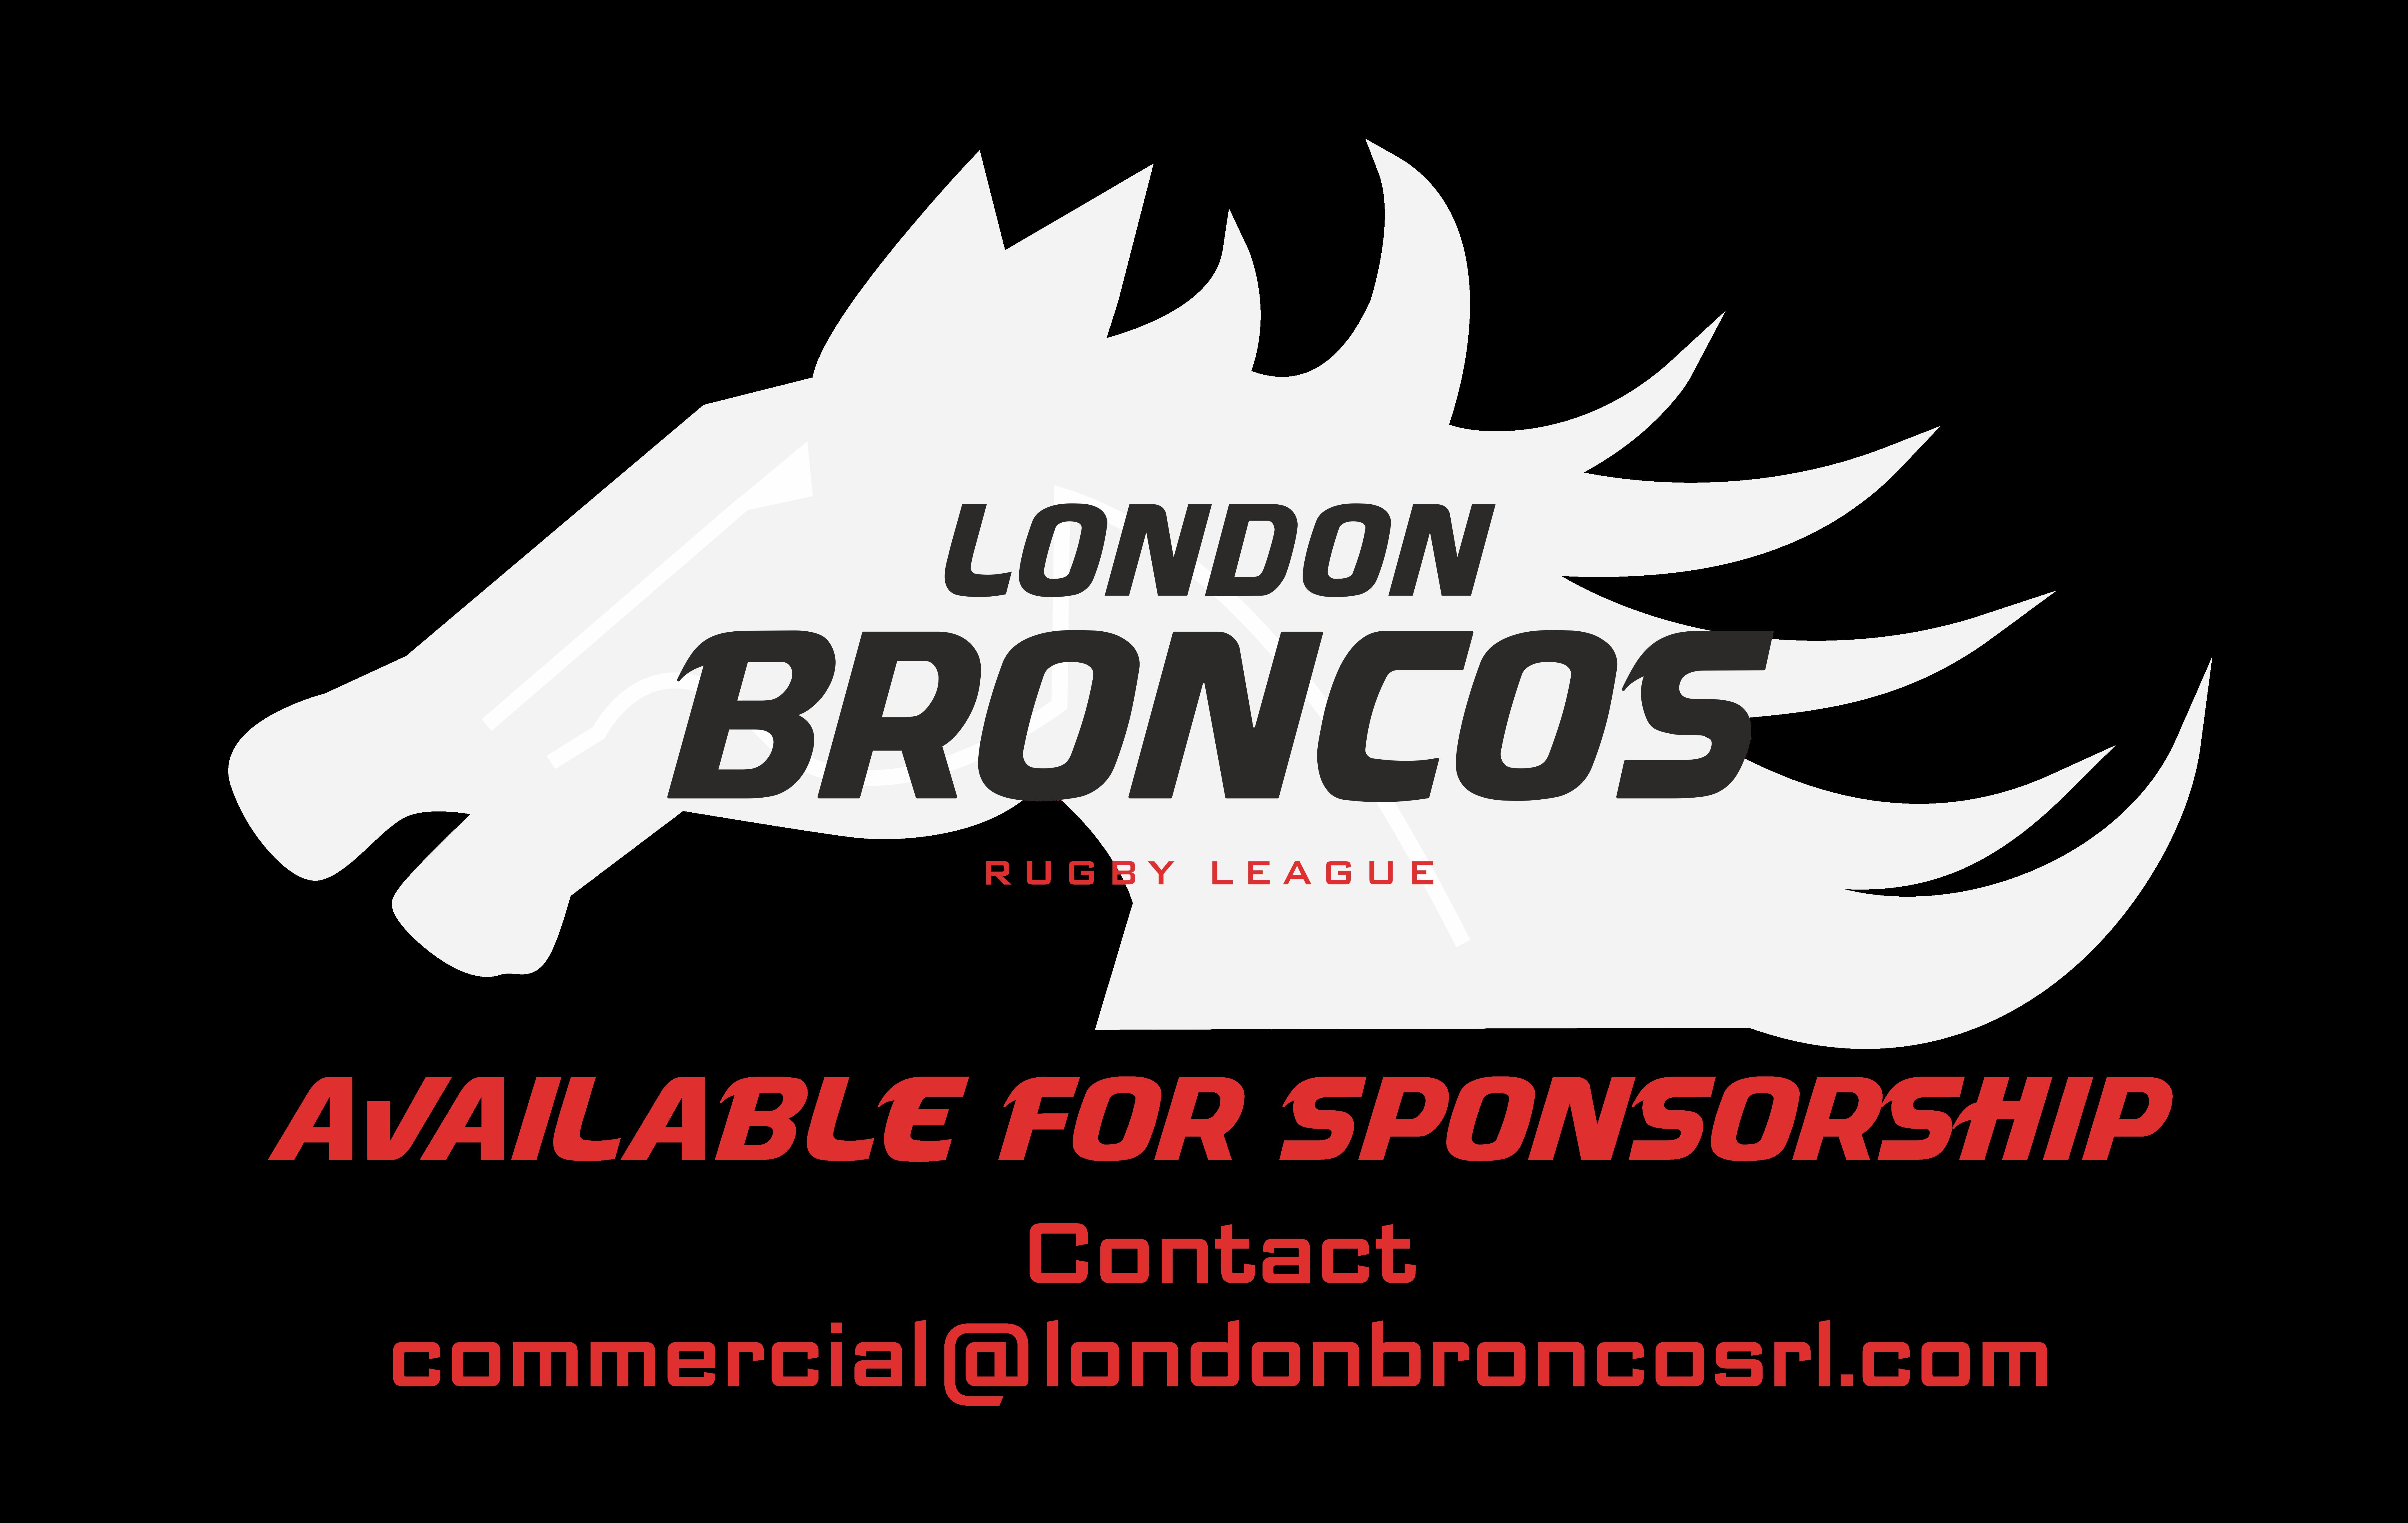 http://londonbroncosrl.com/wp-content/uploads/2021/03/BroncosSponsorship.png